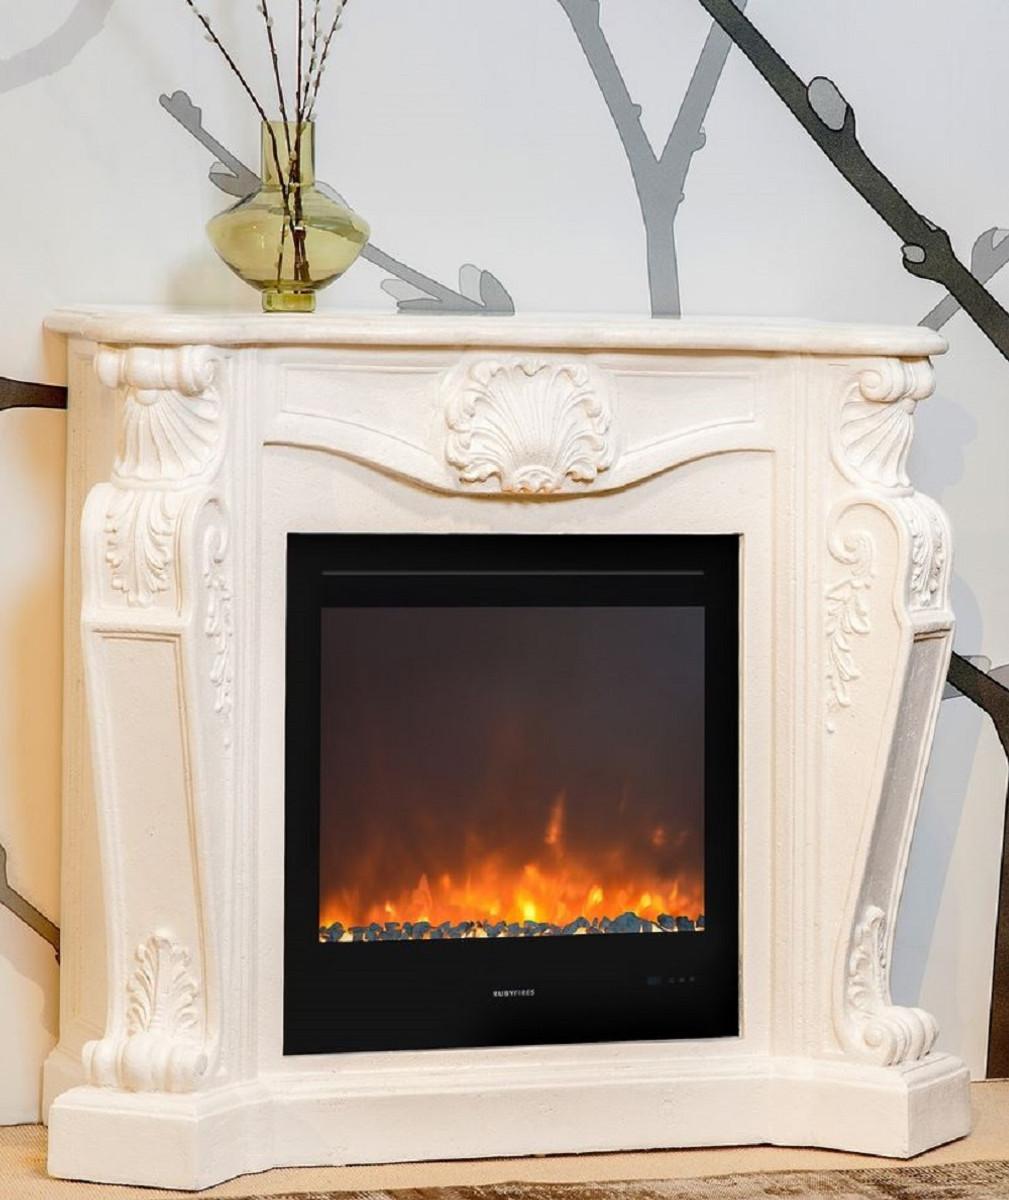 casa padrino cheminee art nouveau de luxe avec insert de cheminee a led blanc creme 118 x 43 x h 111 cm cheminee electrique de luxe